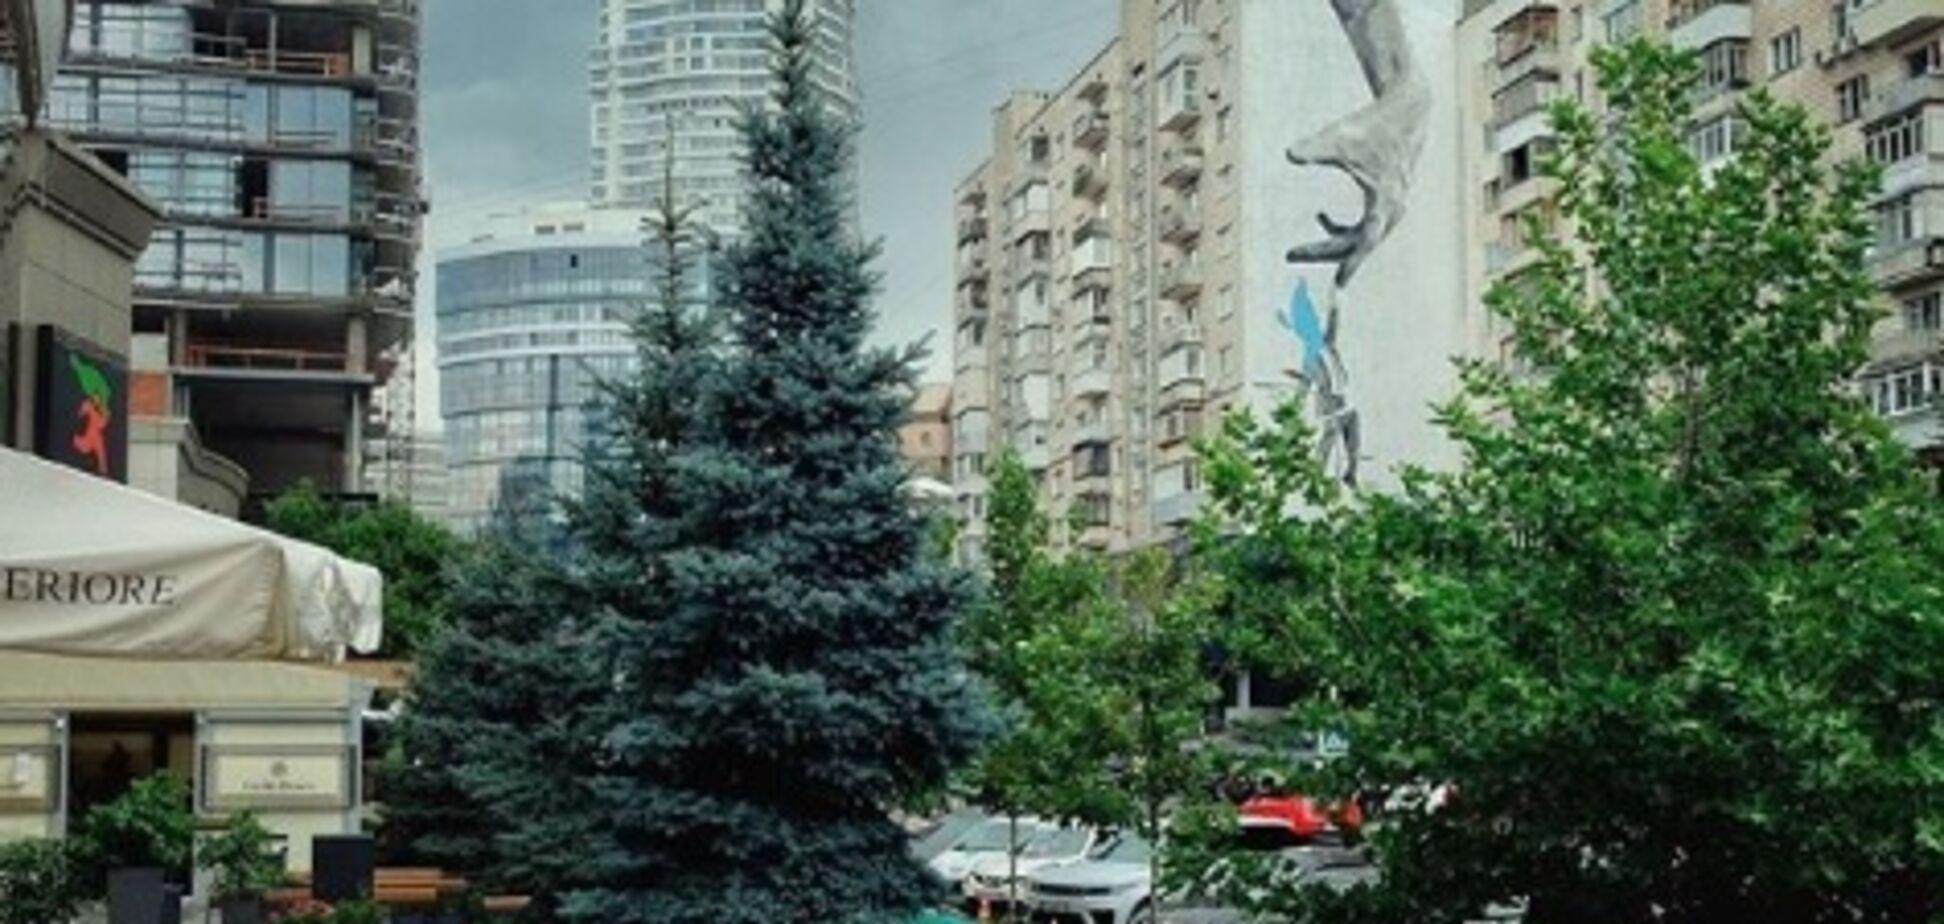 'Лето пакует чемоданы': в сети появилось сочное фото Киева в августе